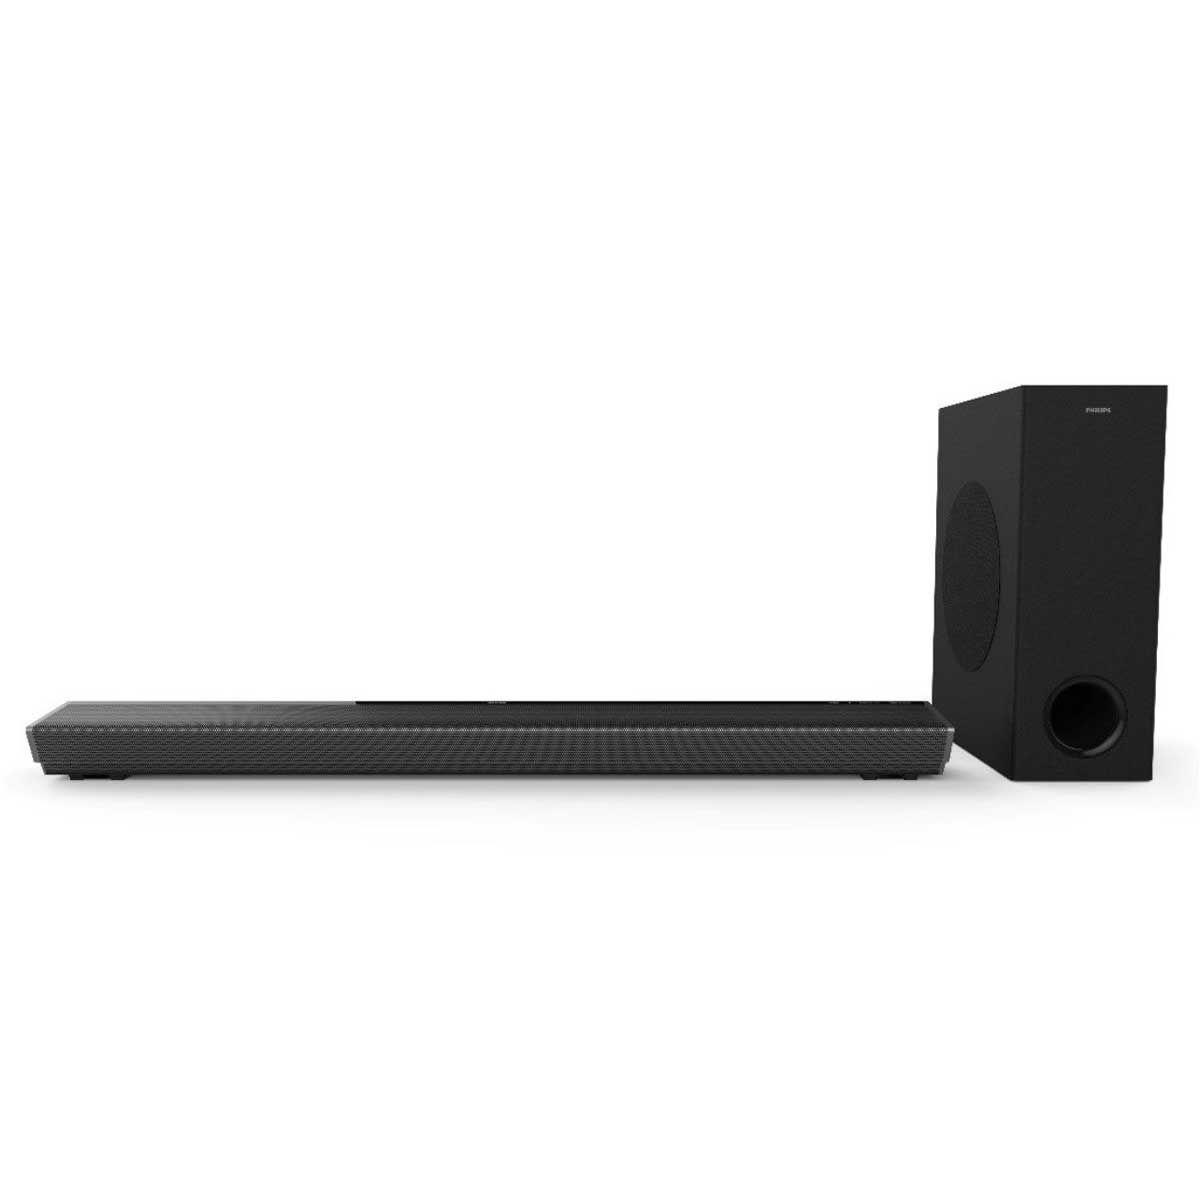 ಫಿಲಿಪ್ಸ್ 3.1 soundbar TAPB603